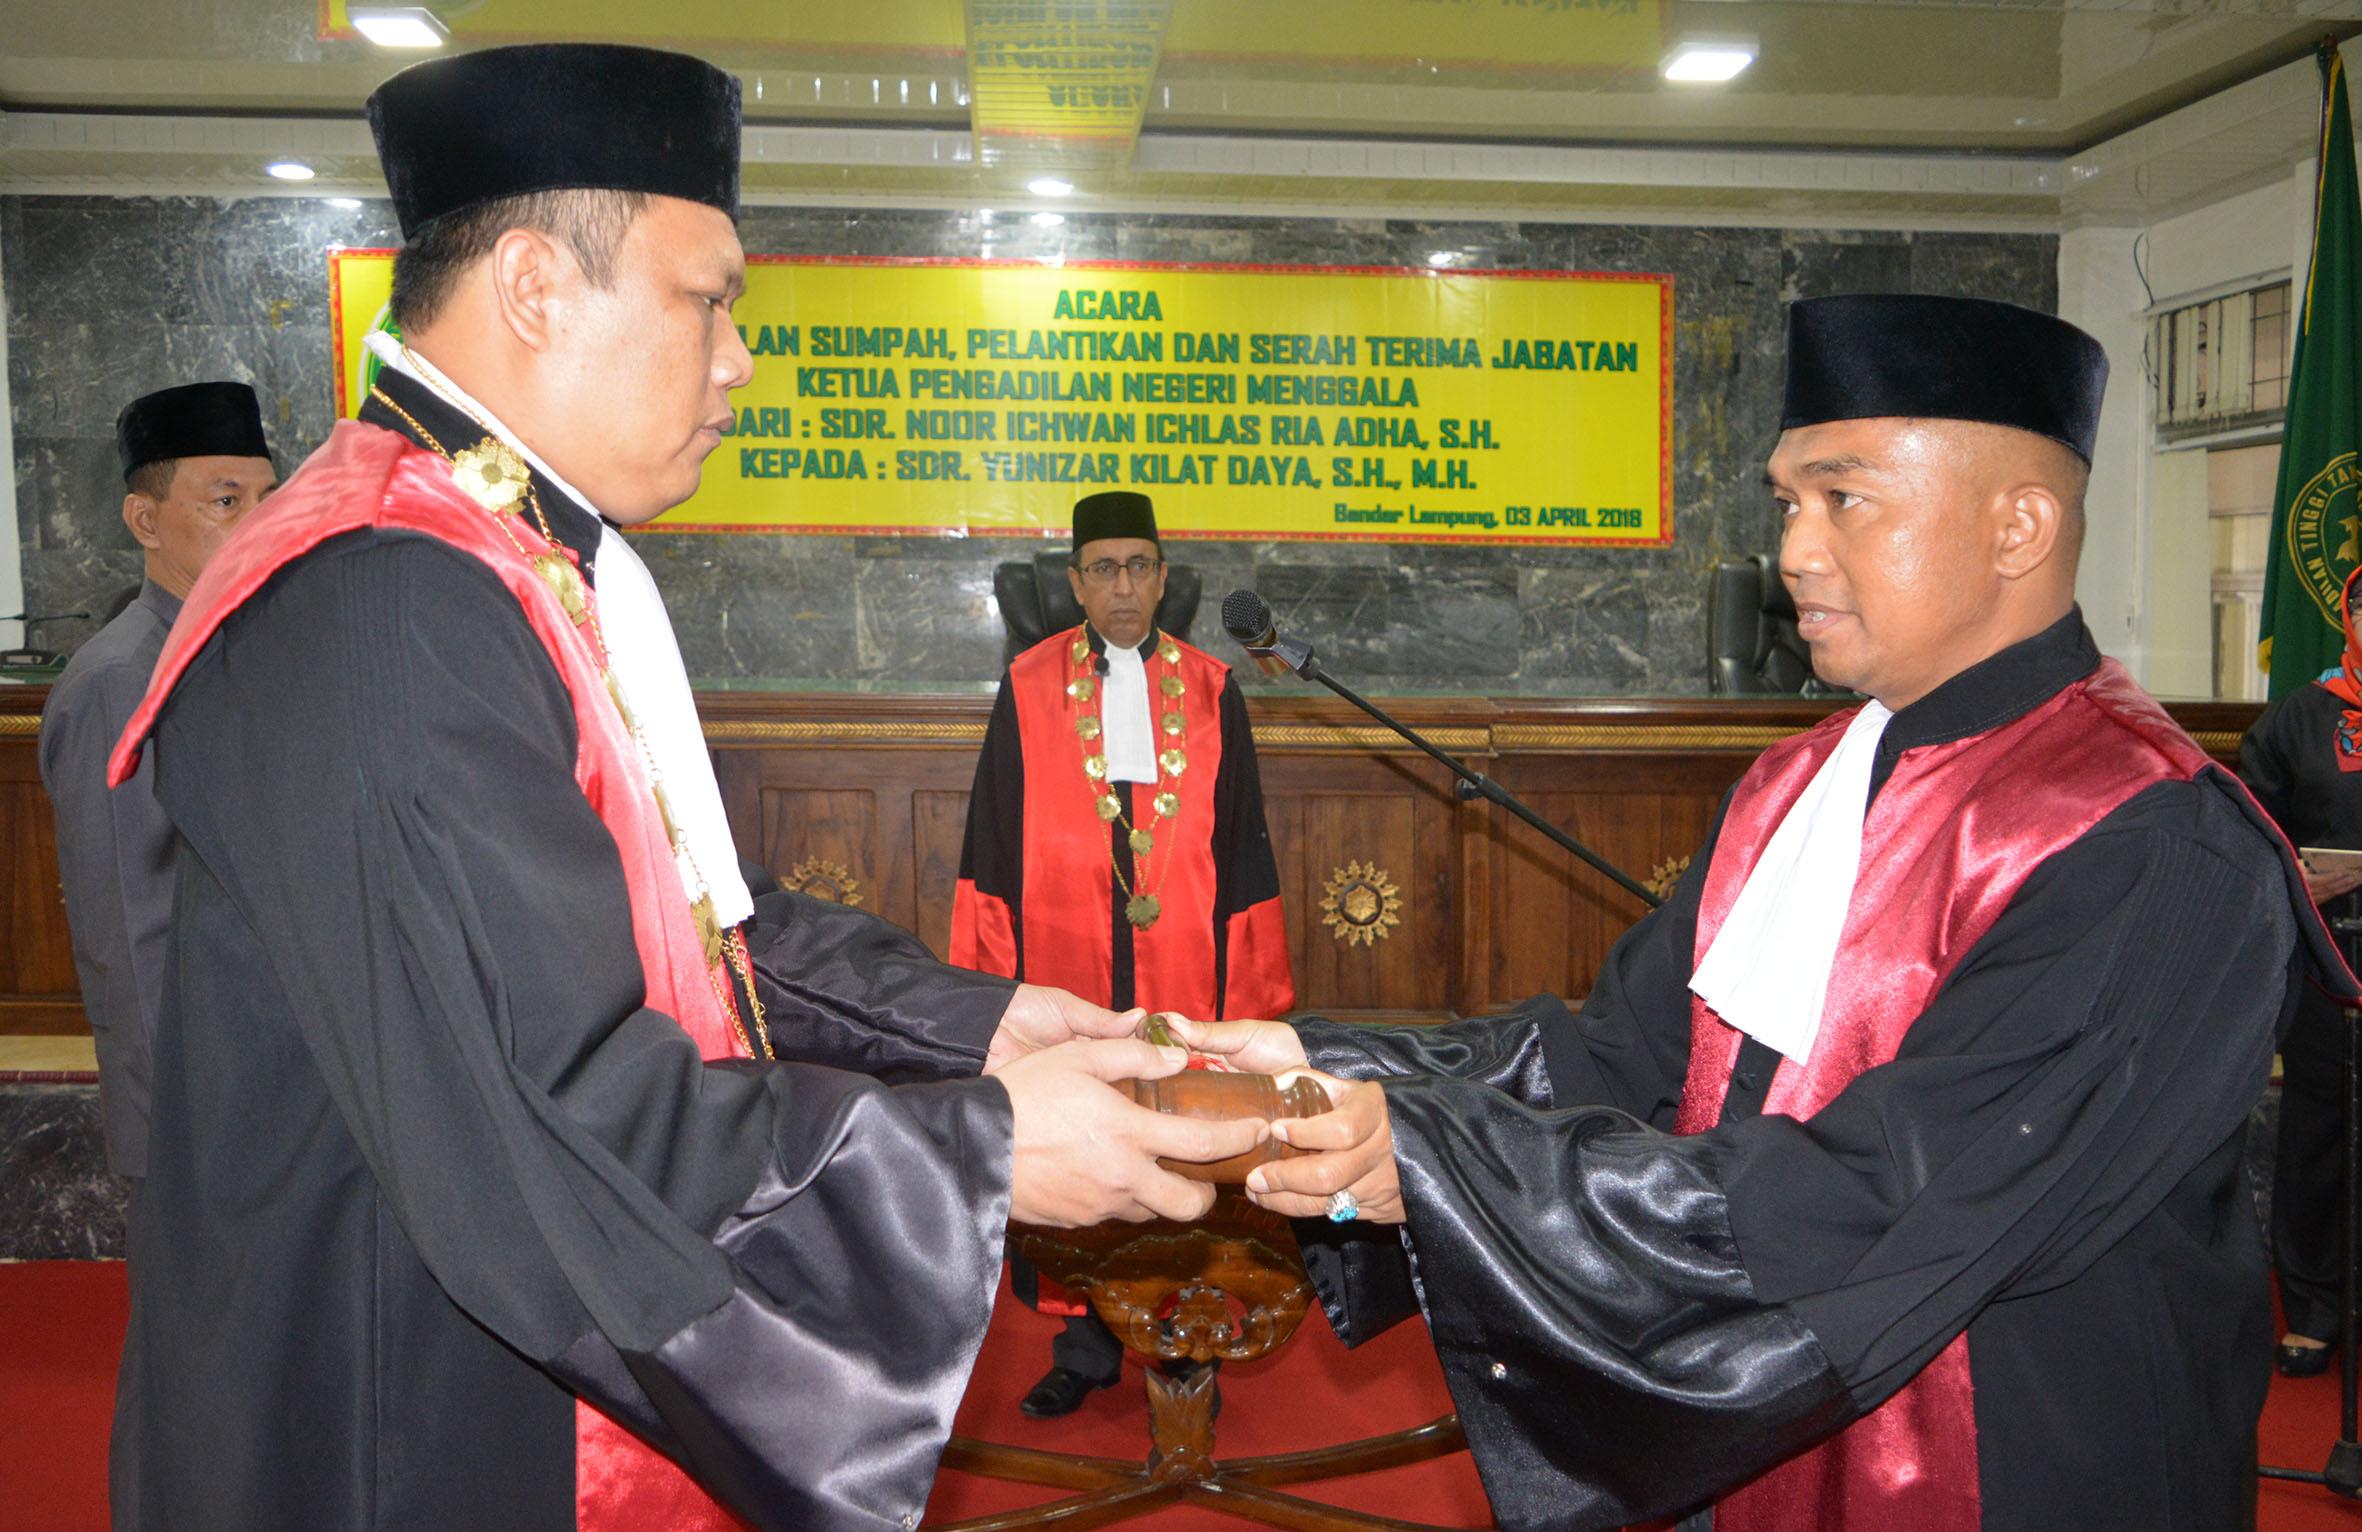 Pengambilan Sumpah, Pelantikan, dan Serah Terima Jabatan Ketua Pengadilan Negeri Menggala